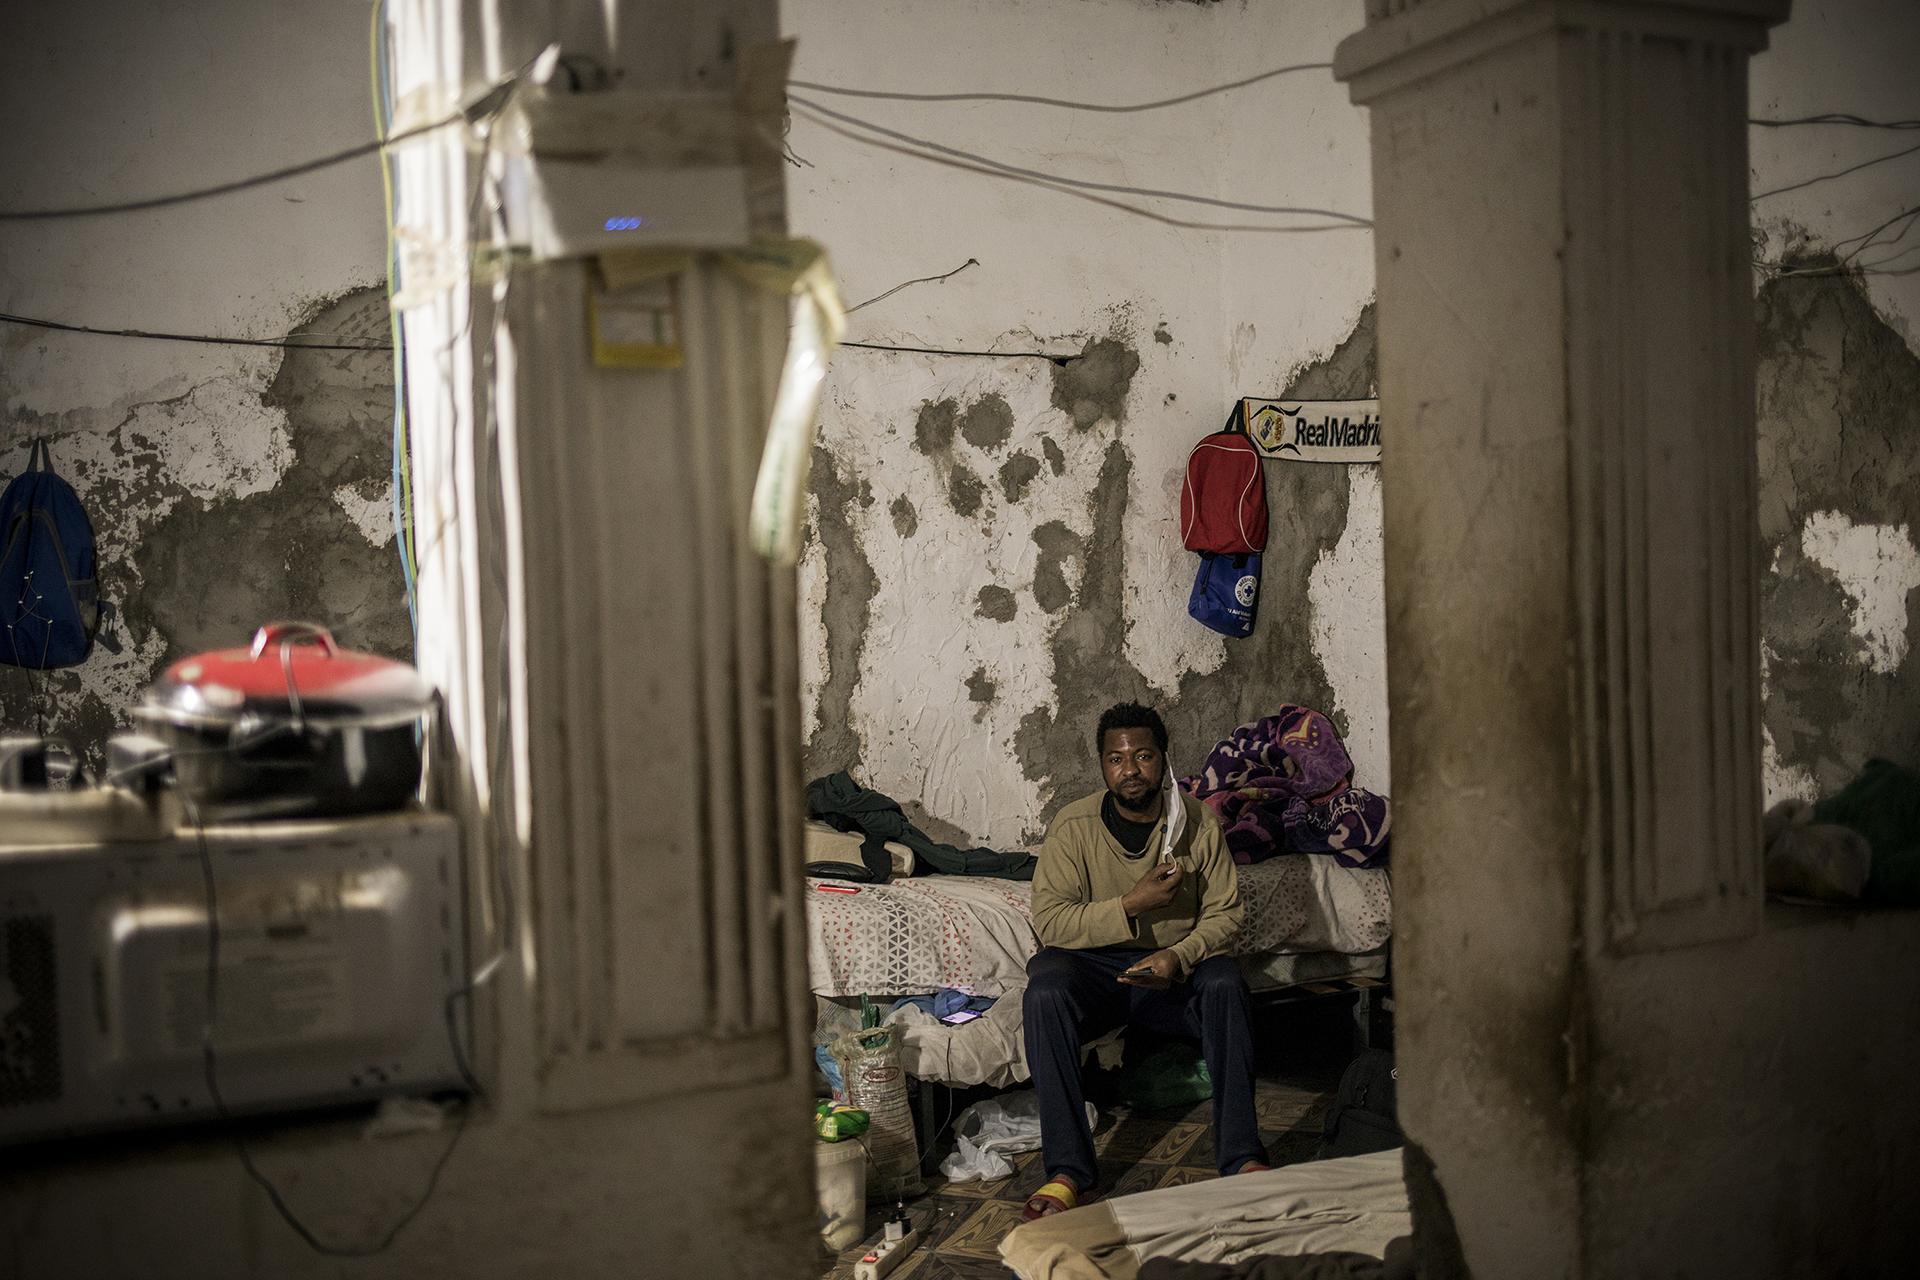 Kwesi Baah, de 32 años y procedente de Malí, llegó a España en un bote cruzando el mar Mediterráneo. En 2014 sufrió un accidente viajando al trabajo en su bicicleta y no ha podido trabajar desde entonces. Vive en una casa abandonada en Níjar que comparte con otras ocho personas que durante el confinamiento no han podido trabajar.